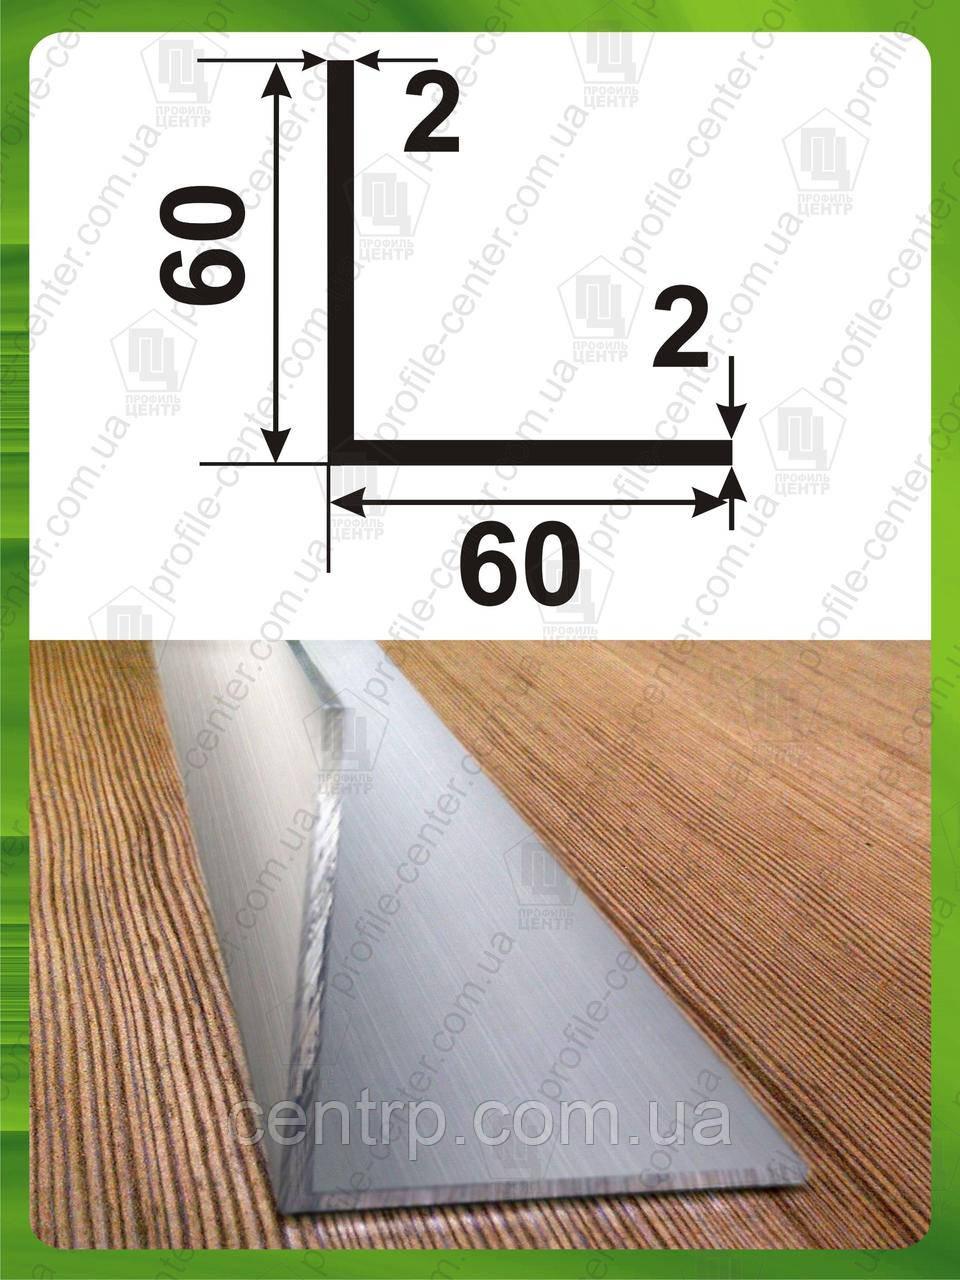 Уголок алюминиевый равнополочный (равносторонний) 60*60*2